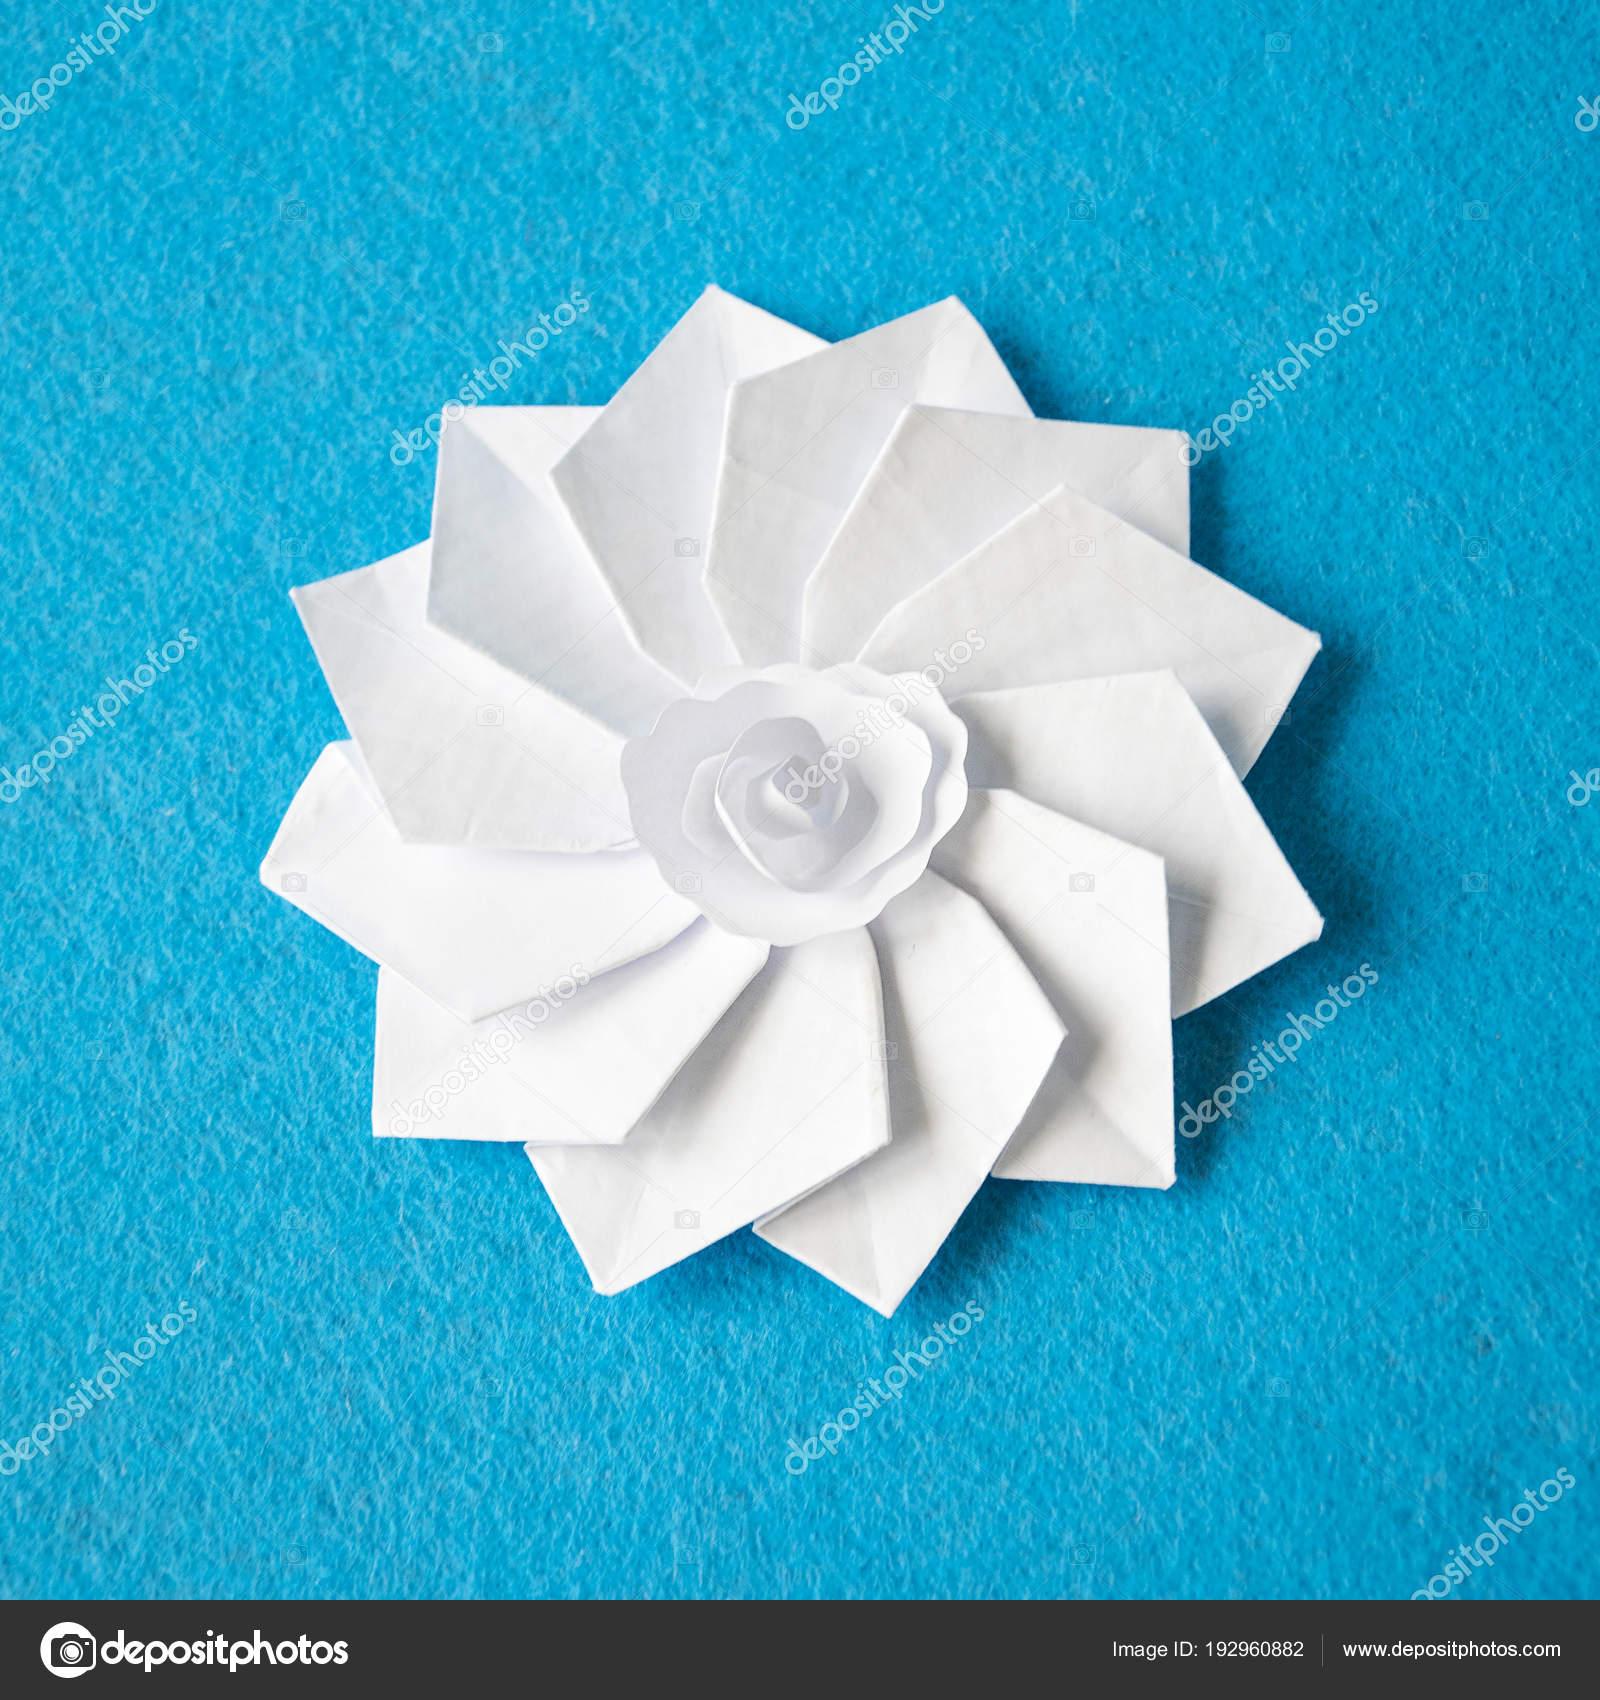 Handmade Origami White Paper Flower Stock Photo Plahotya 192960882